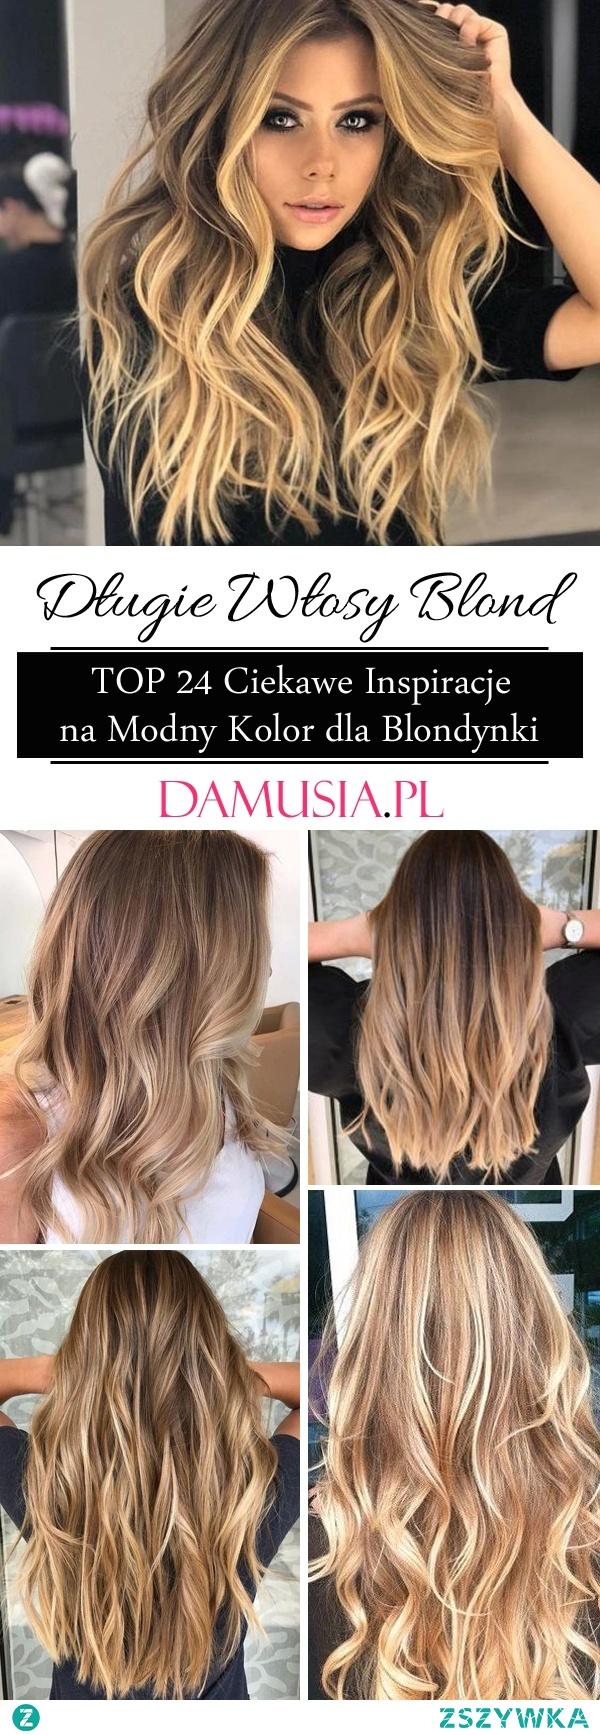 Długie Włosy Blond – TOP 24 Modne Inspiracje na Modny Kolor dla Blondynki